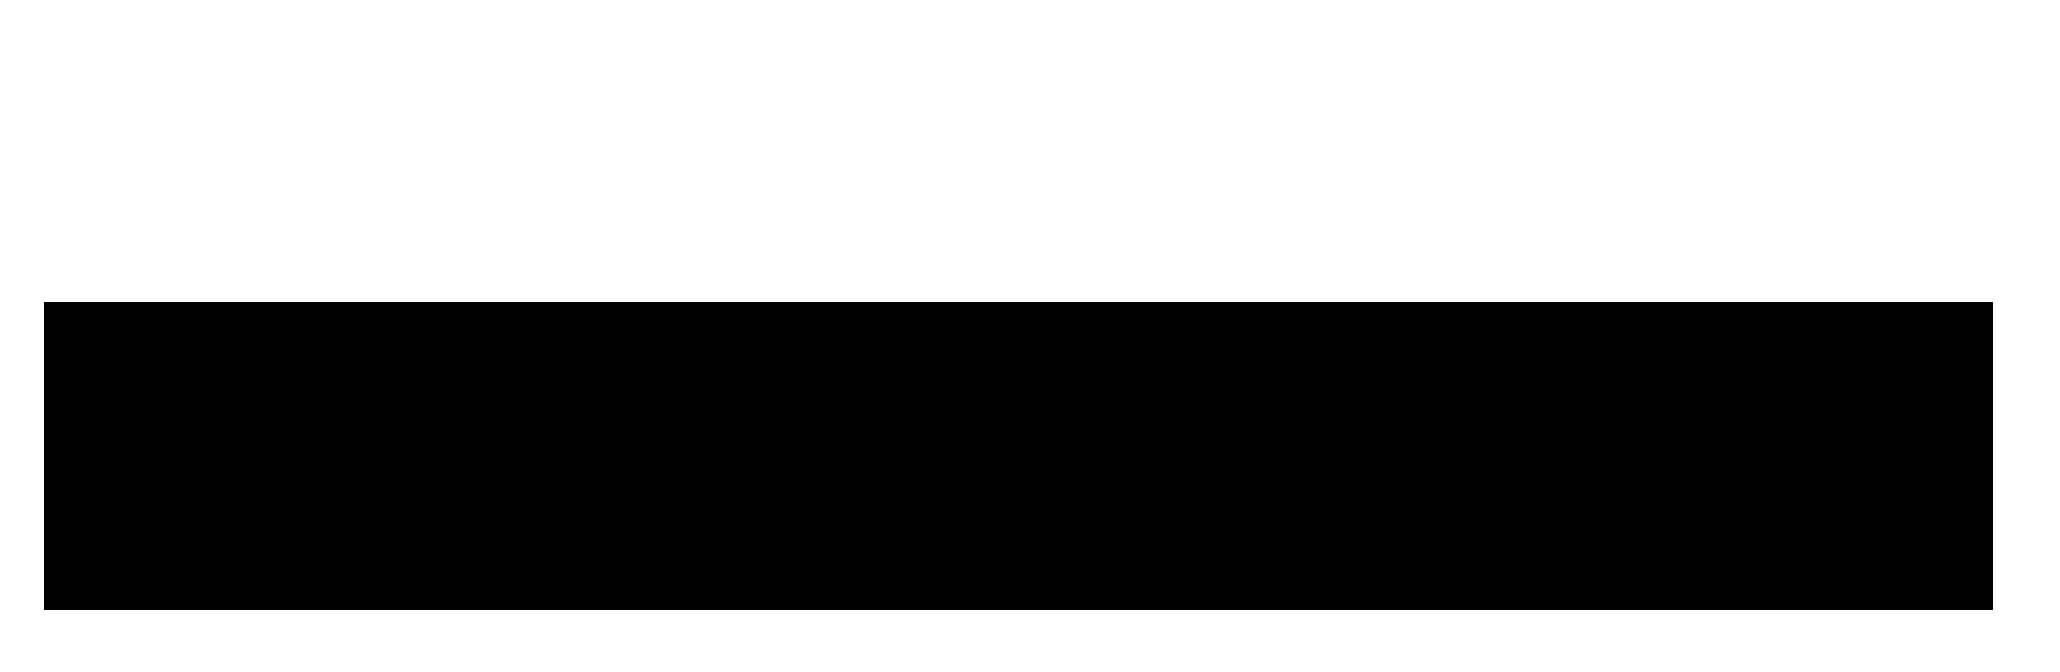 モノにこだわる男のためのライフスタイルマガジン「グーダ」 2019 vol.46 男の春Styleニュースタンダード